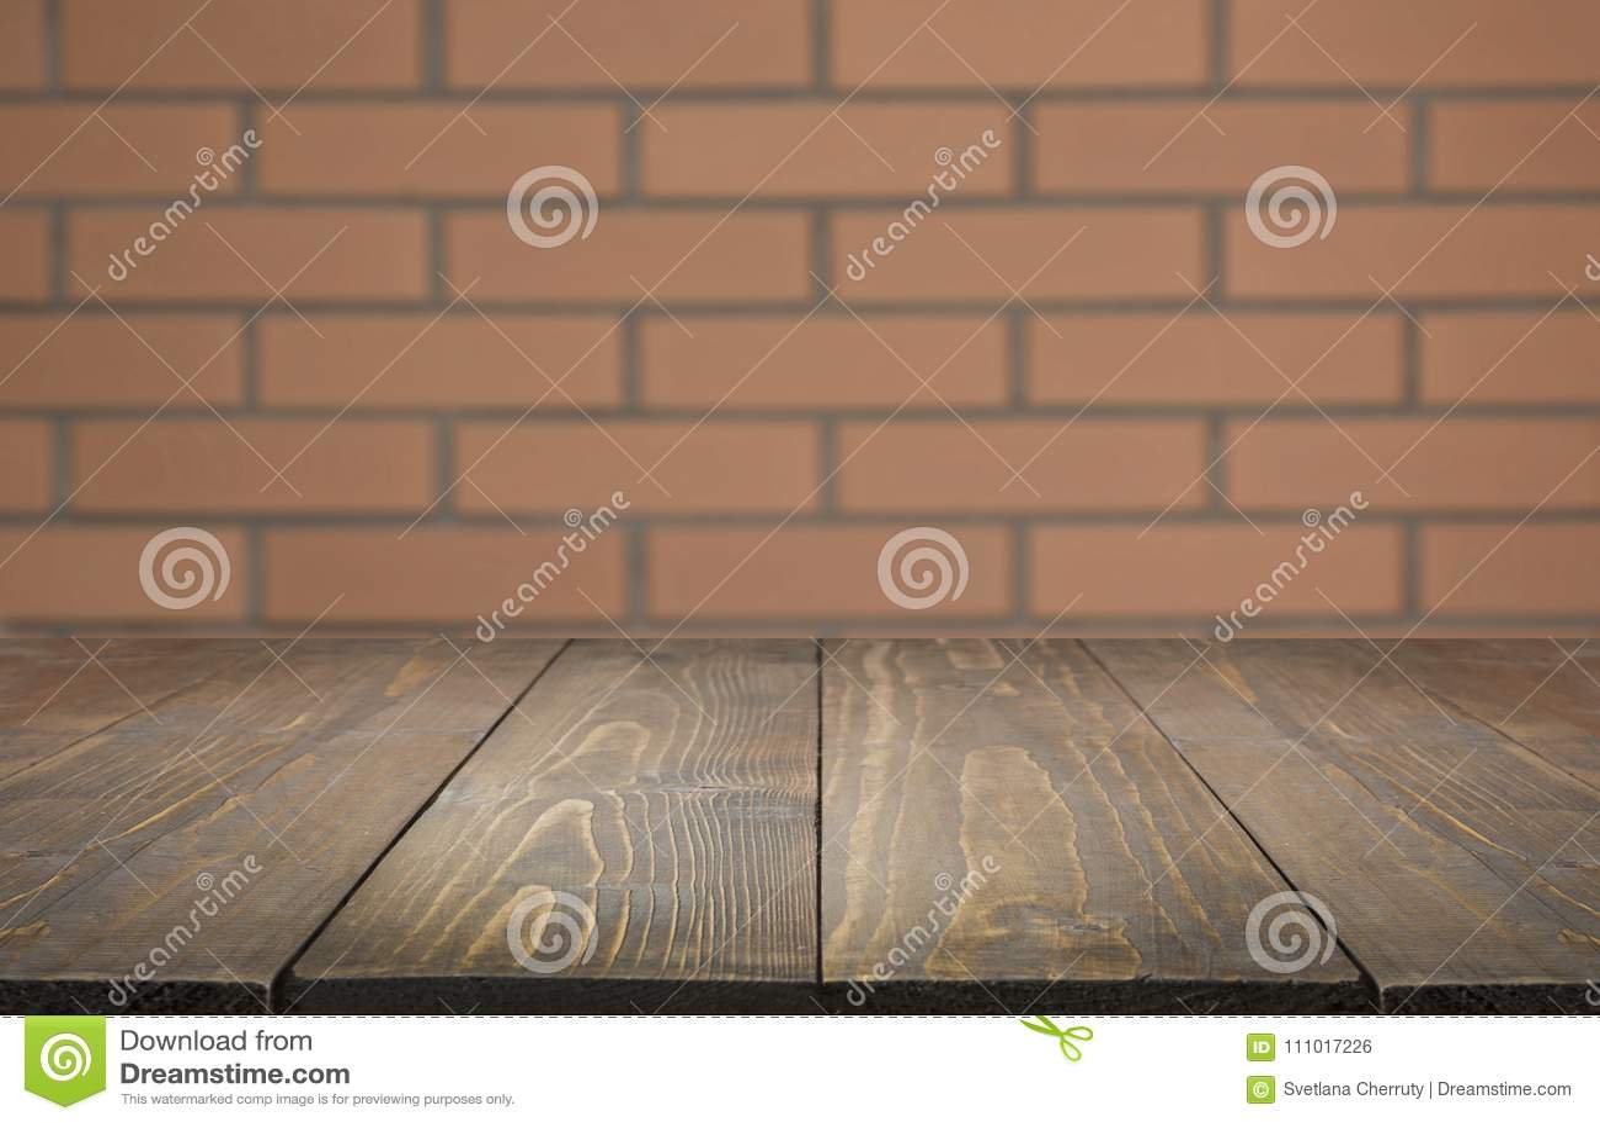 Ripiani In Legno Per Tavoli : Fondo vago ed astratto ripiano del tavolo di legno vuoto e fondo